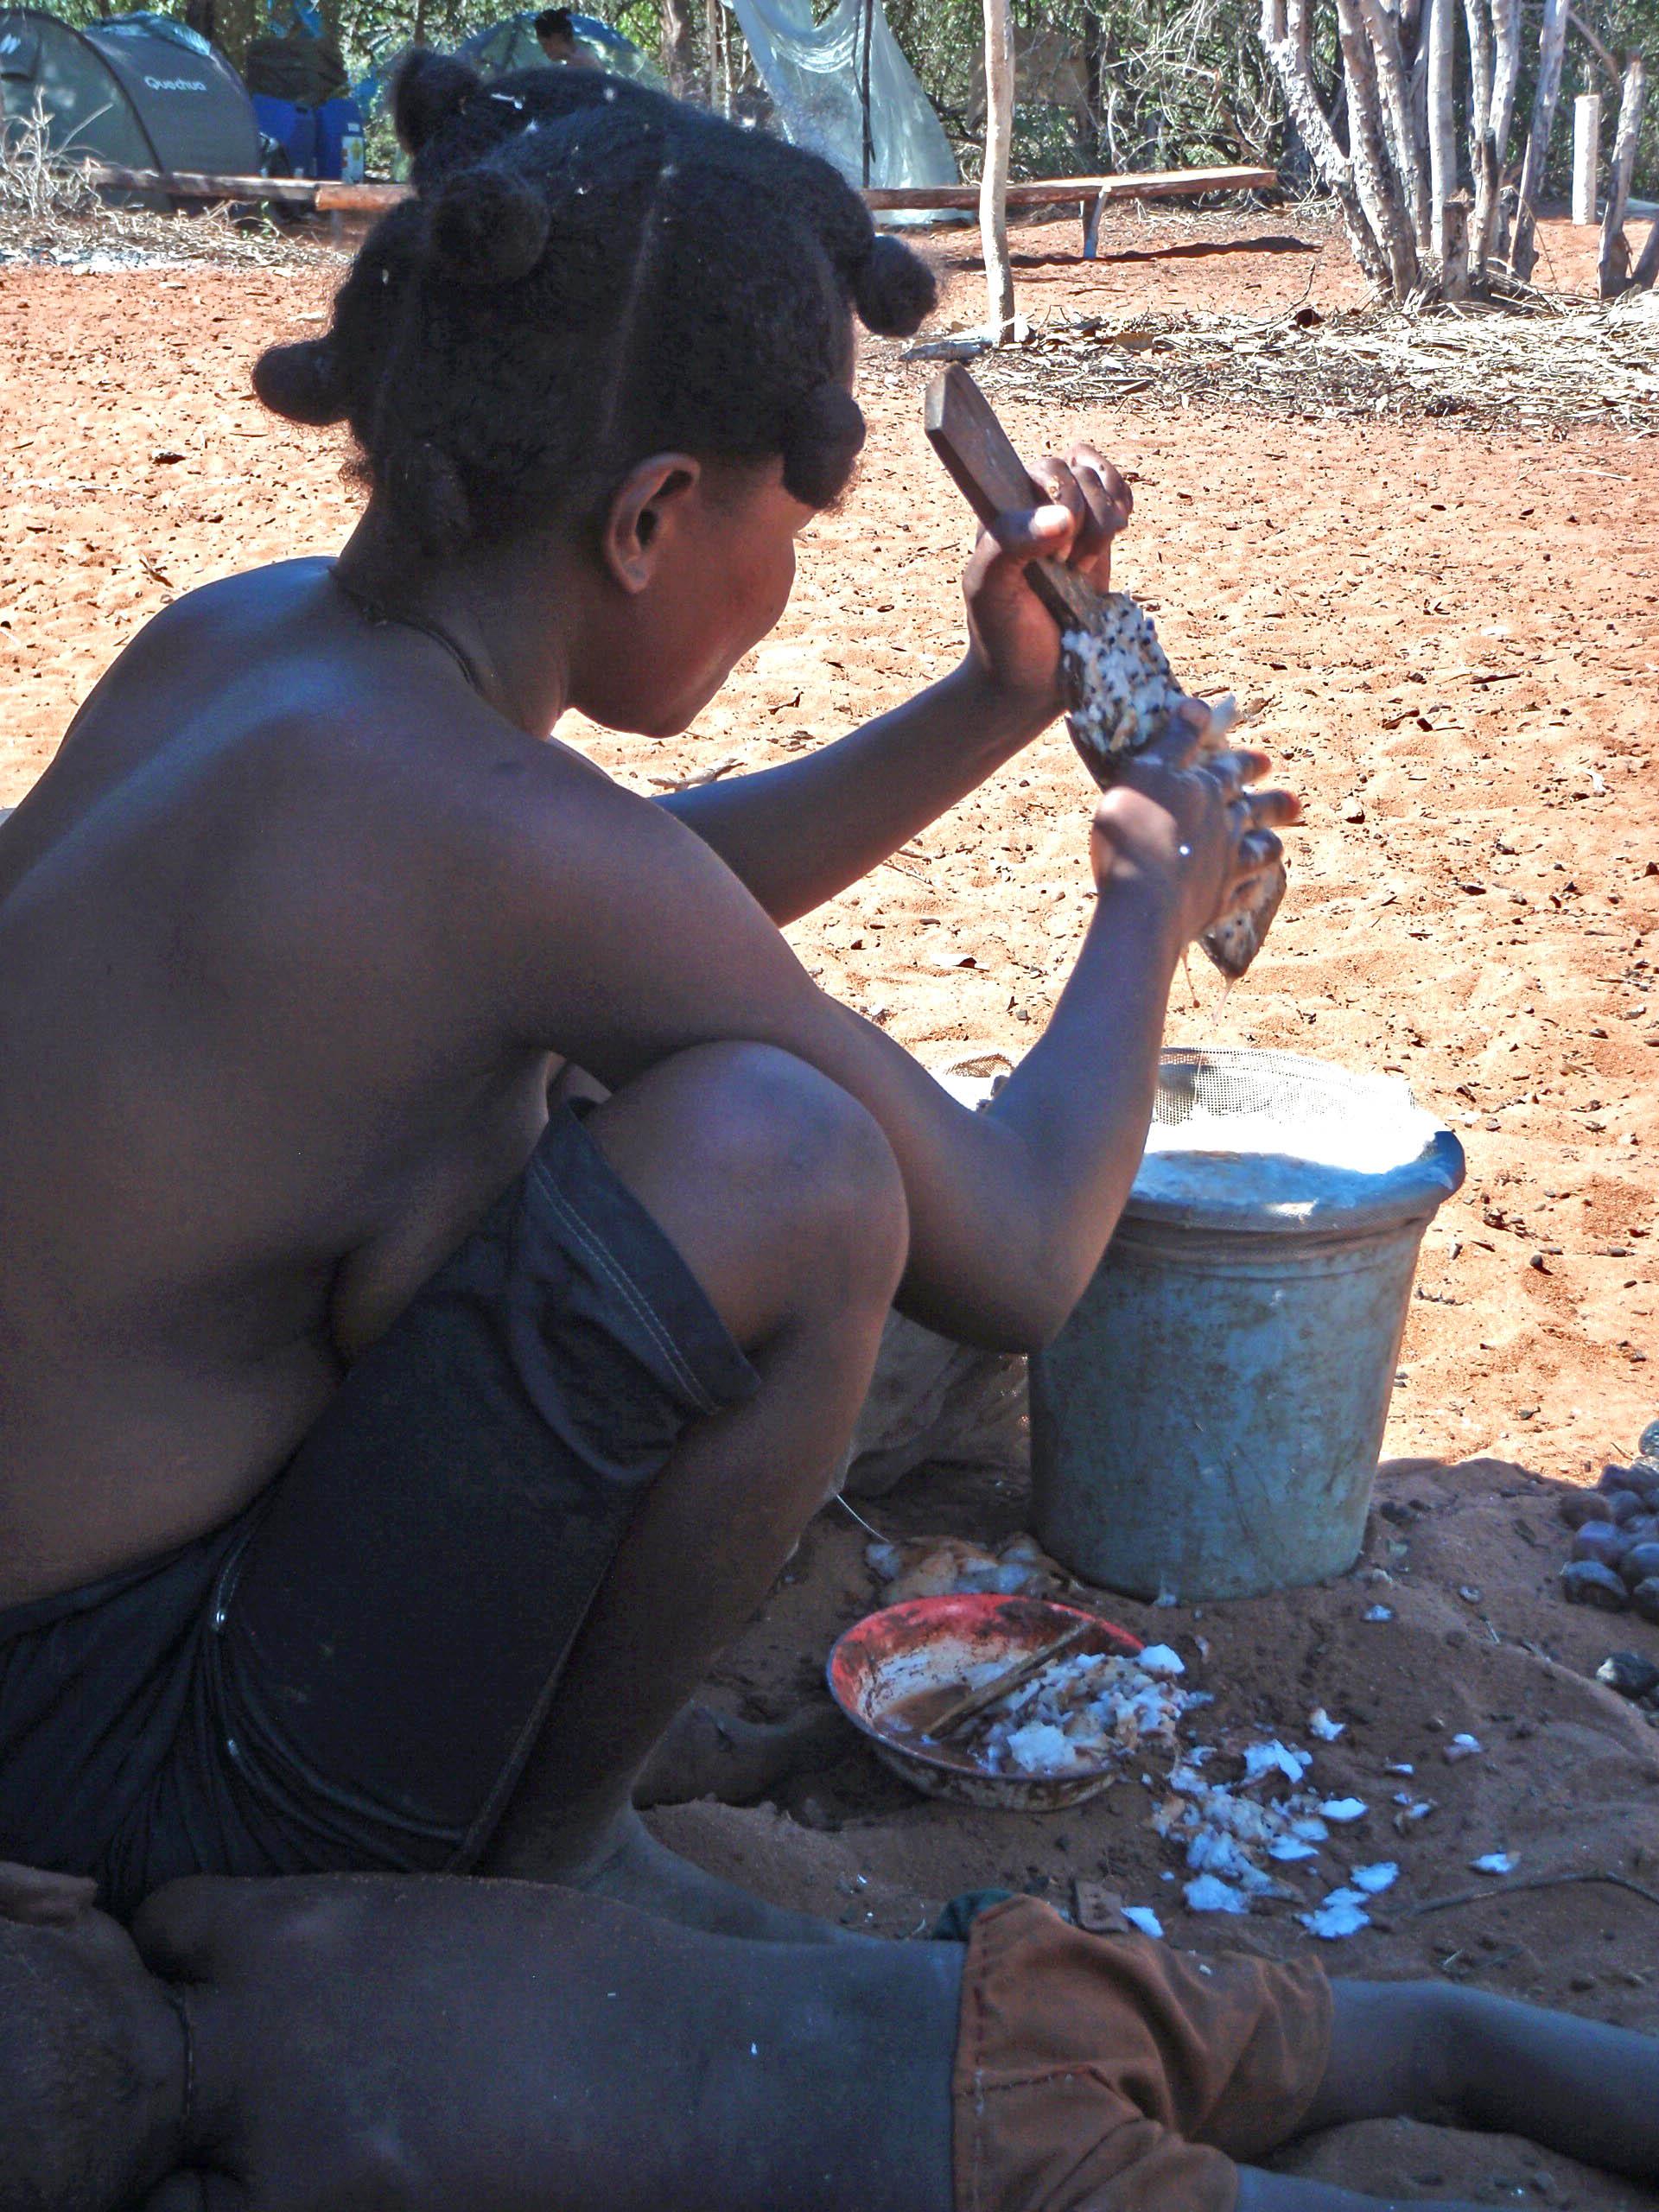 Nanao qui rape le babo Elle rappe le babo pour en extraire le jus, avec ce jus, elle fera cuire un peu de maïs pour ses enfants.